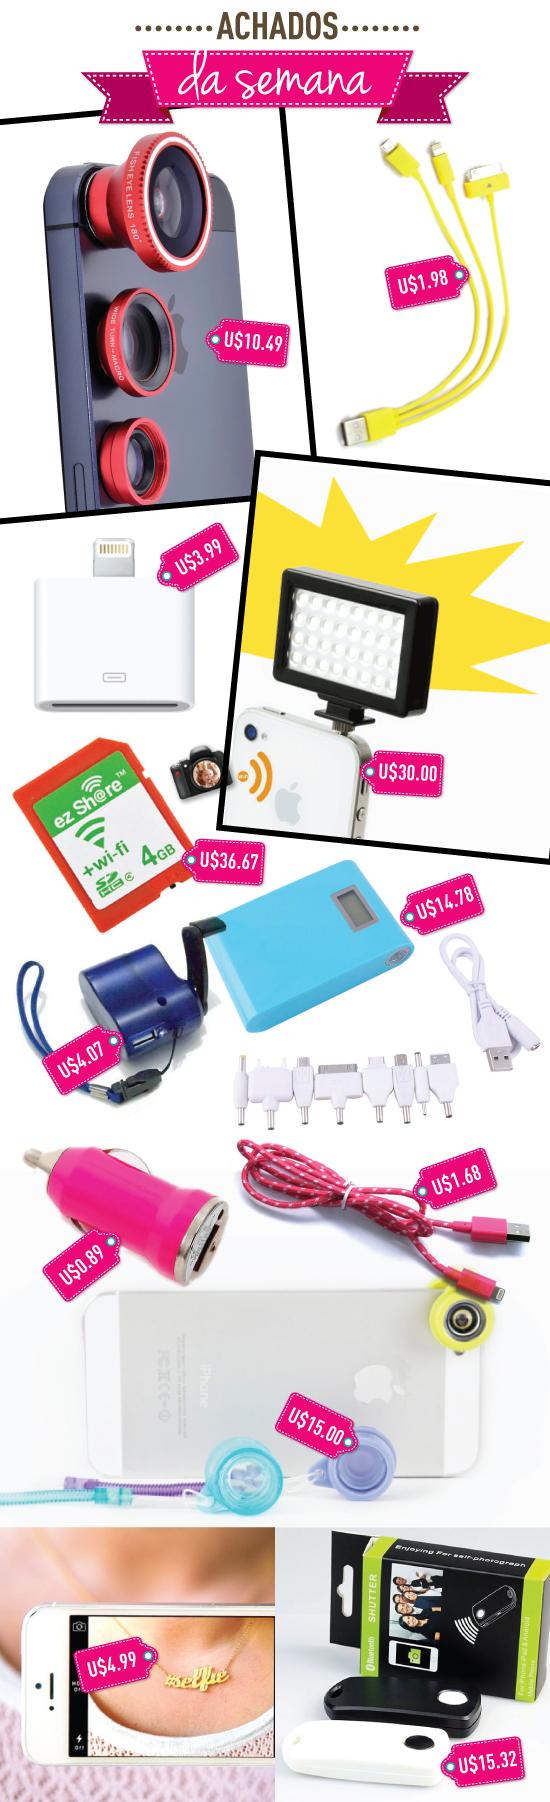 achados-da-semana-gadgets-celular-iphone-acessorios-onde-comprar-chines-site-compras-online-ebay-aliexpress-carregador-5-5s-android-samsung-flash-portatil-charger-selfie-colar